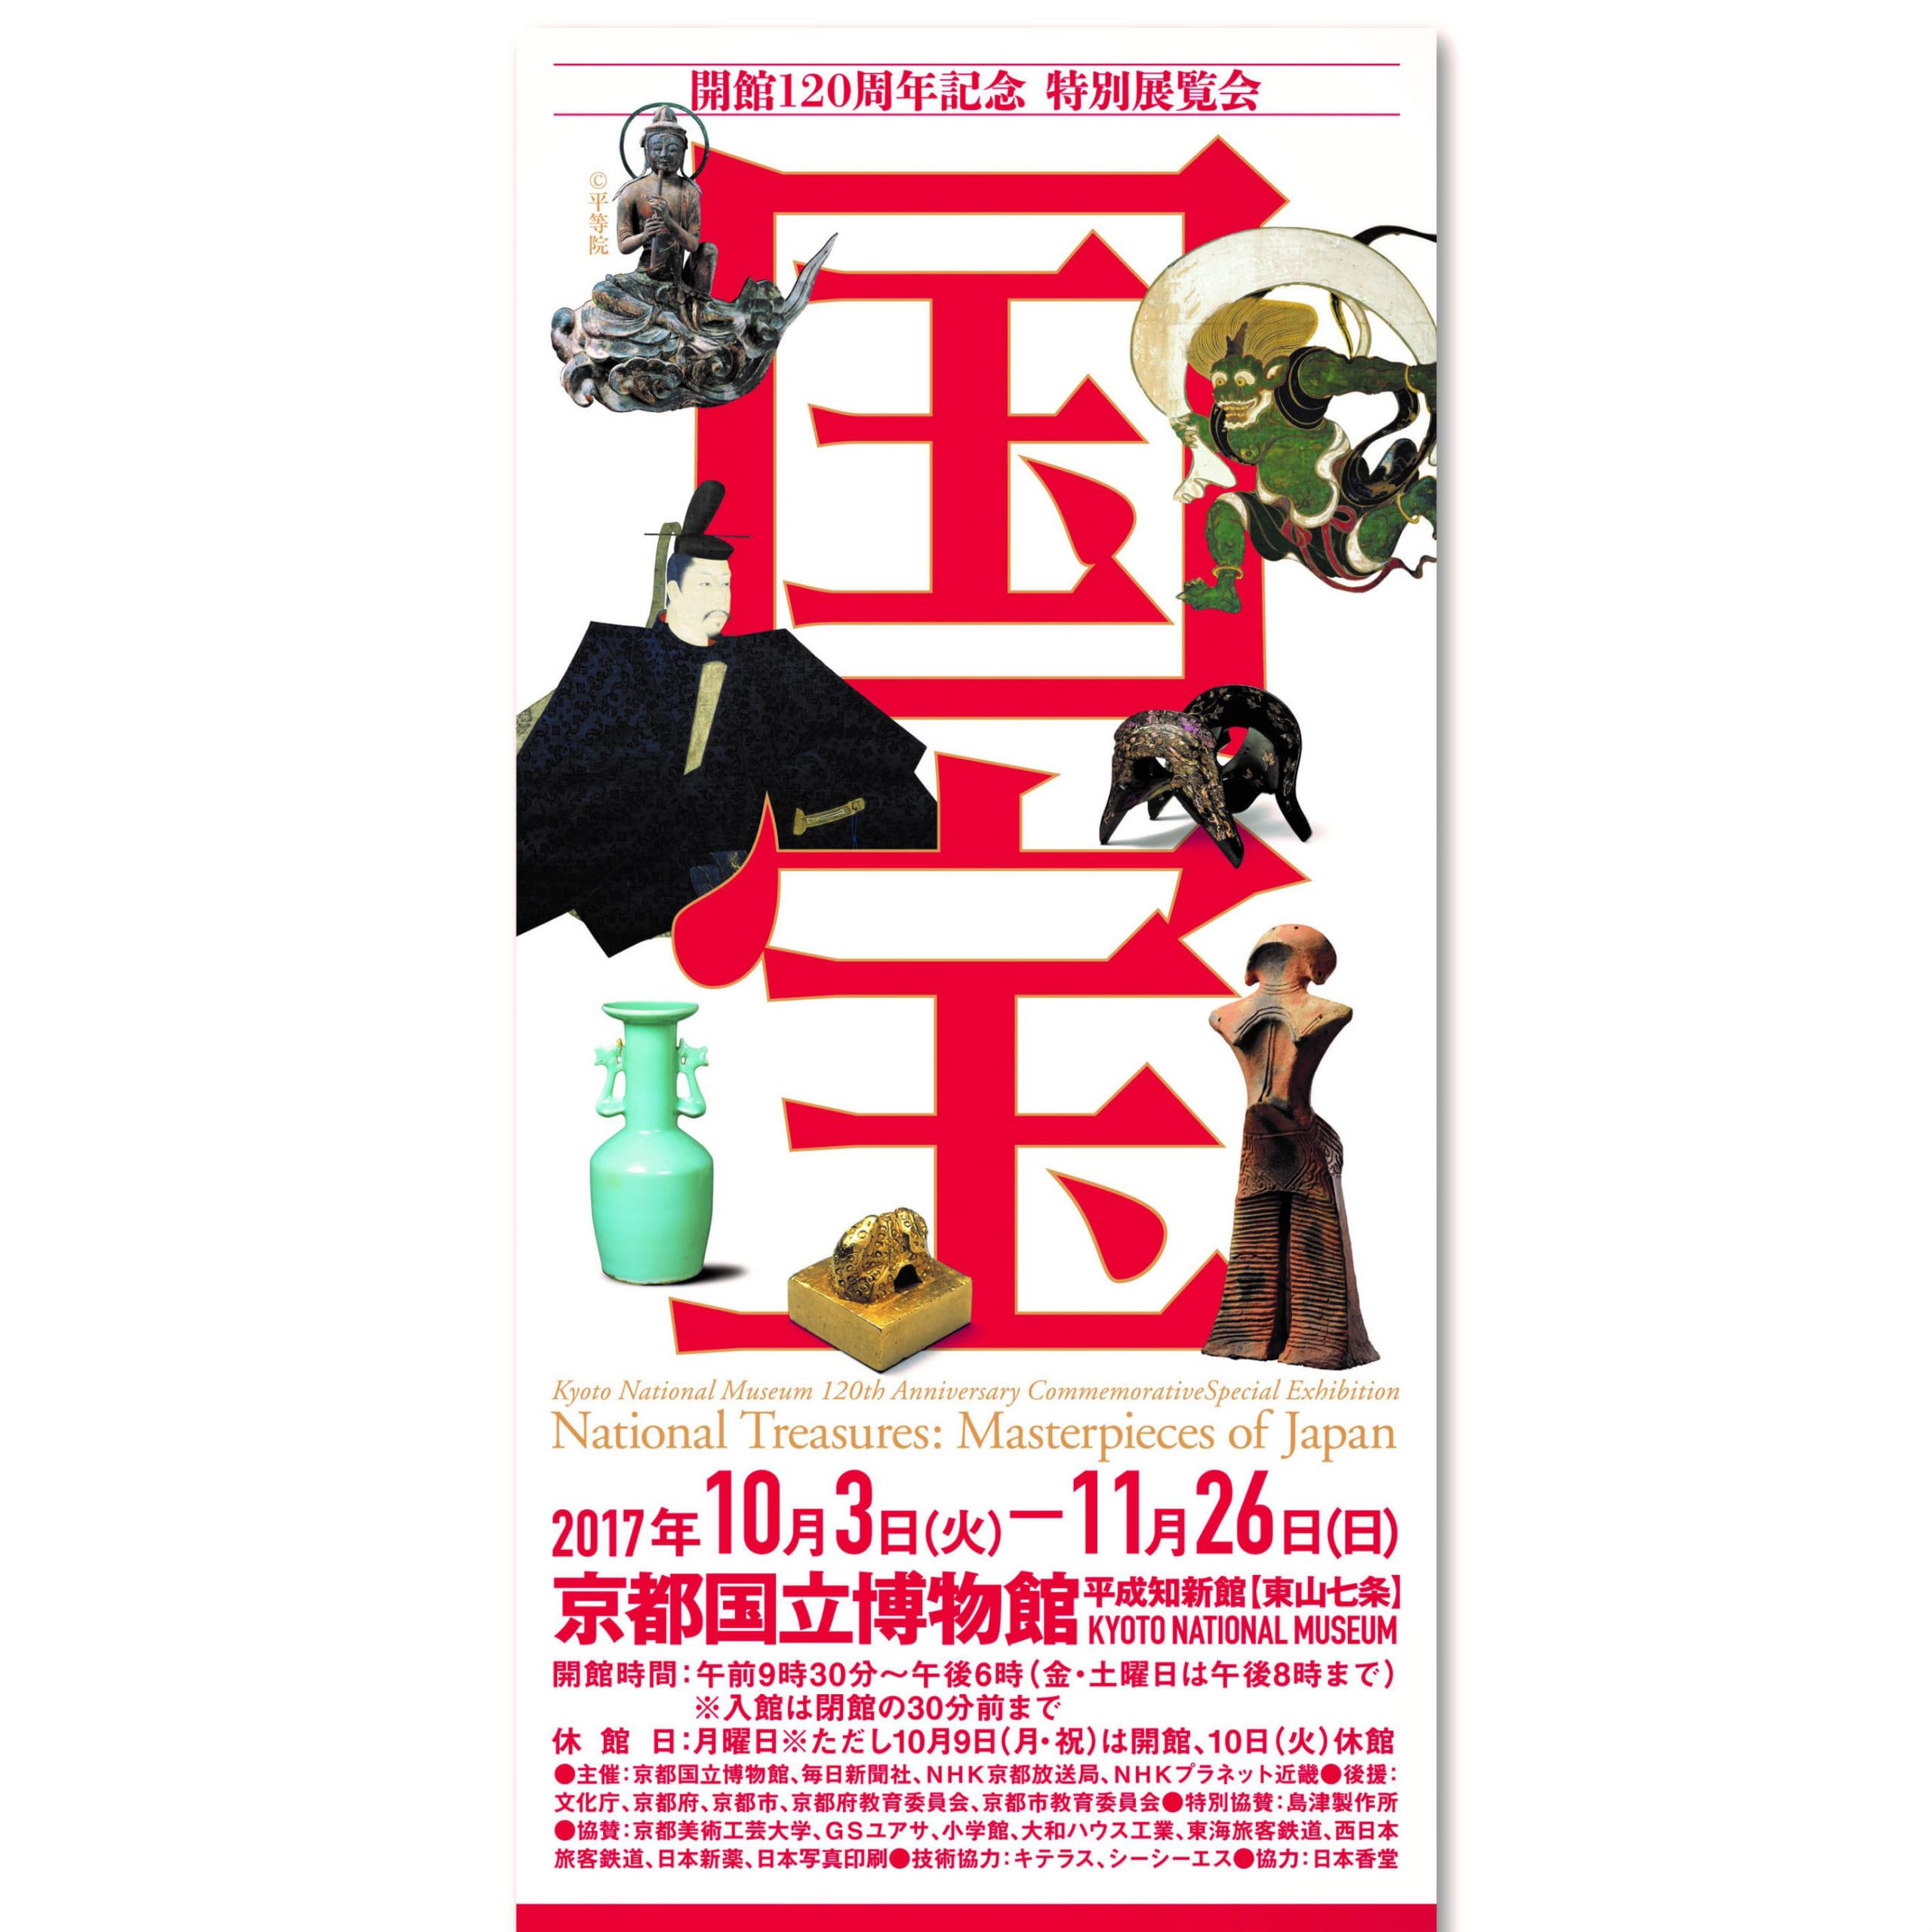 チケットプレゼント! 京都国立博物館「国宝展」に読者110名をご招待!